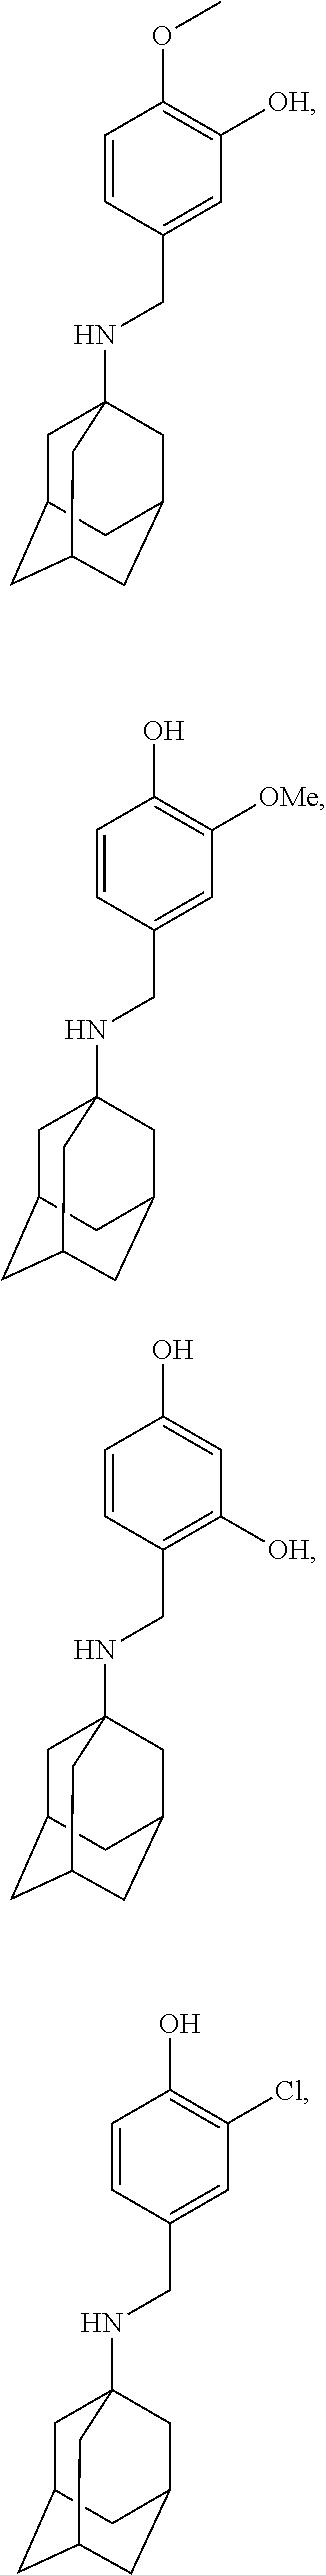 Figure US09884832-20180206-C00015